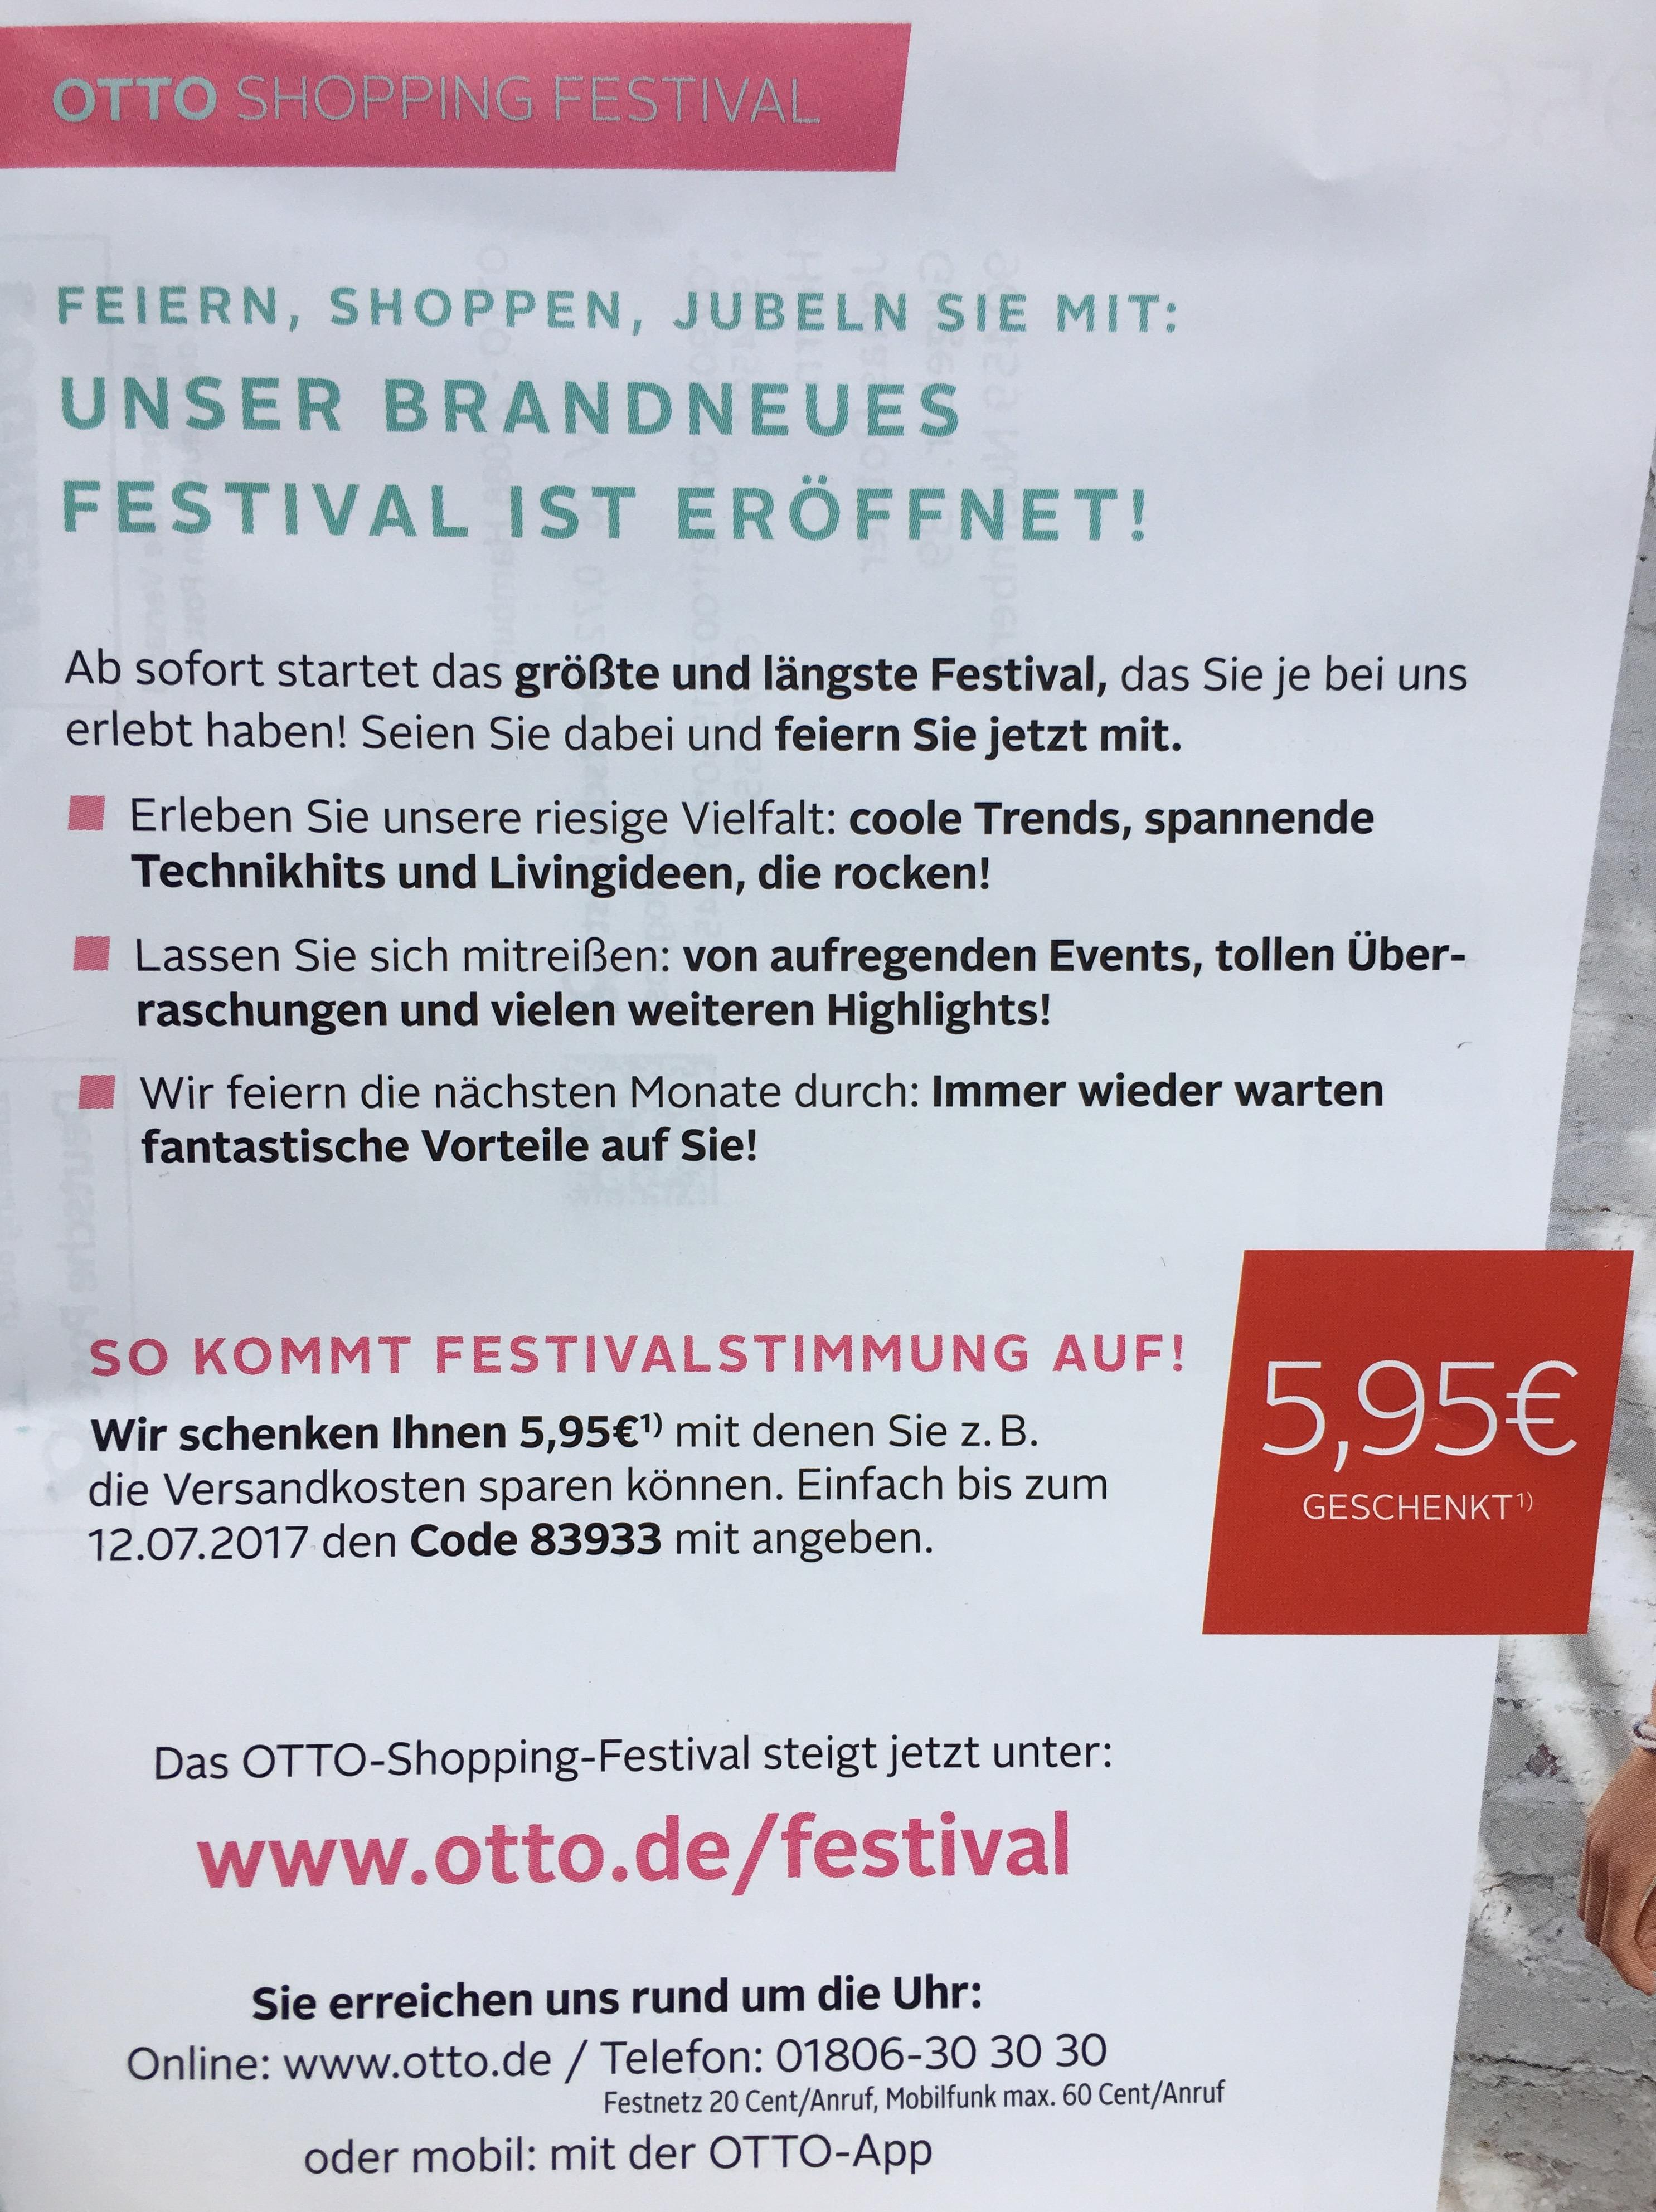 [Otto] 5,95€ Gutschein für Bestandskunden bis 12.07.2017